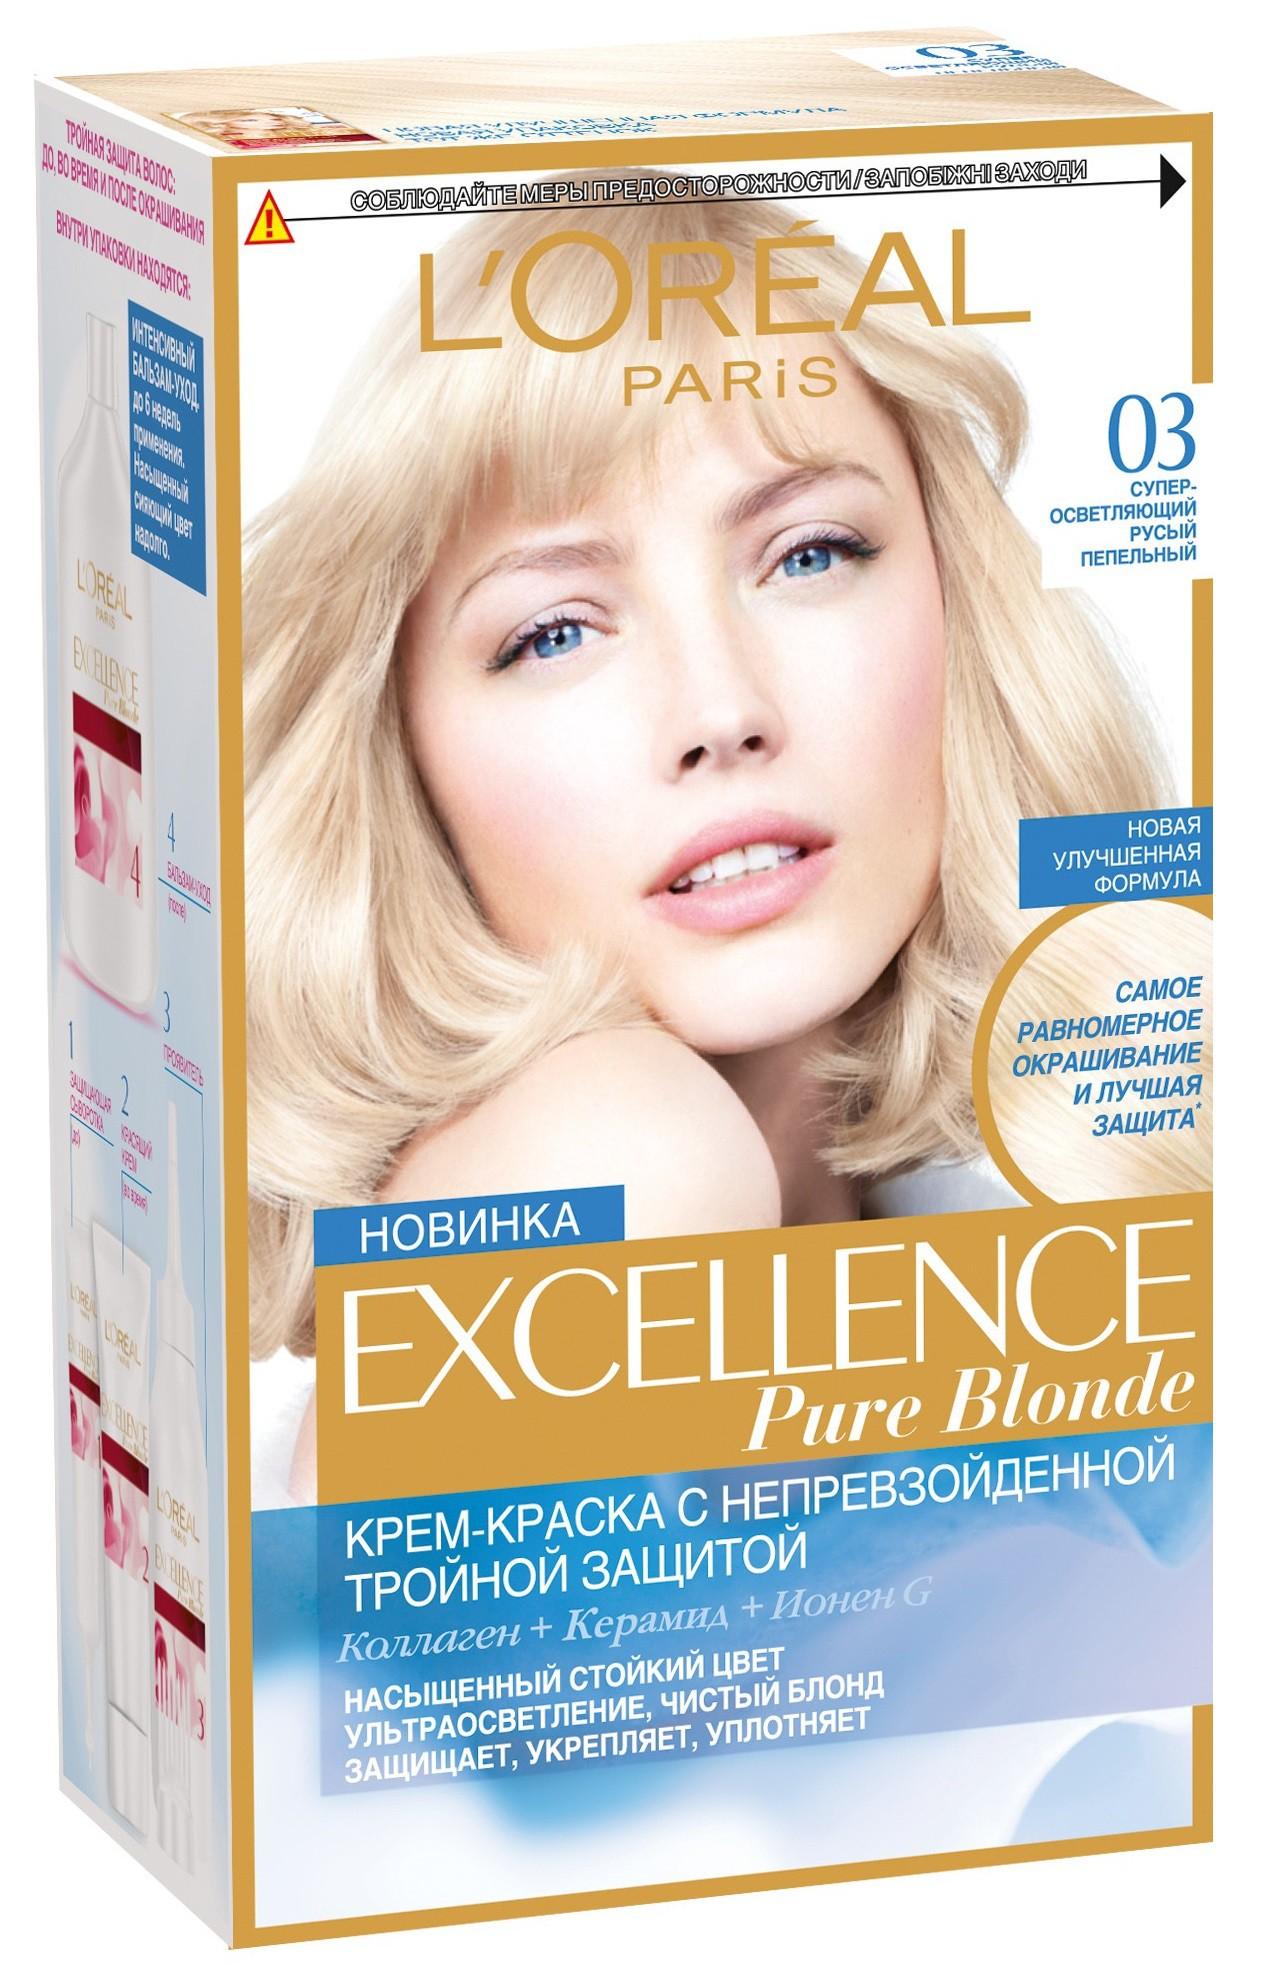 LOreal Paris Стойкая крем-краска для волос Excellence, оттенок 03, Светло-светло-русый пепельныйA0691328Крем-краска для волос Экселанс защищает волосы до, во время и после окрашивания. Уникальная формула краскииз Керамида, Про-Кератина и активного компонента Ионена G, которые обеспечивают 100%-ное окрашивание седины и способствуют длительному сохранению интенсивности цвета. Сыворотка, входящая в состав краски, оказывает лечебное действие, восстанавливая поврежденные волосы, а густая кремовая текстура краски обволакивает каждый волос, насыщая его интенсивным цветом. Специальный бальзам-уход делает волосы плотнее, укрепляет их, восстанавливая естественную эластичность и силу волос. В состав упаковки входит: защищающая сыворотка (12 мл), флакон-аппликатор с проявителем (72 мл), тюбик с красящим кремом (48 мл), флакон с бальзамом-уходом (60 мл), аппликатор-расческа, инструкция, пара перчаток.1. Укрепляет волосы 2. Защищает их 3. Придает волосам упругость 3. Насыщеннный стойкий сияющий цвет 4. Закрашивает до 100% седых волос